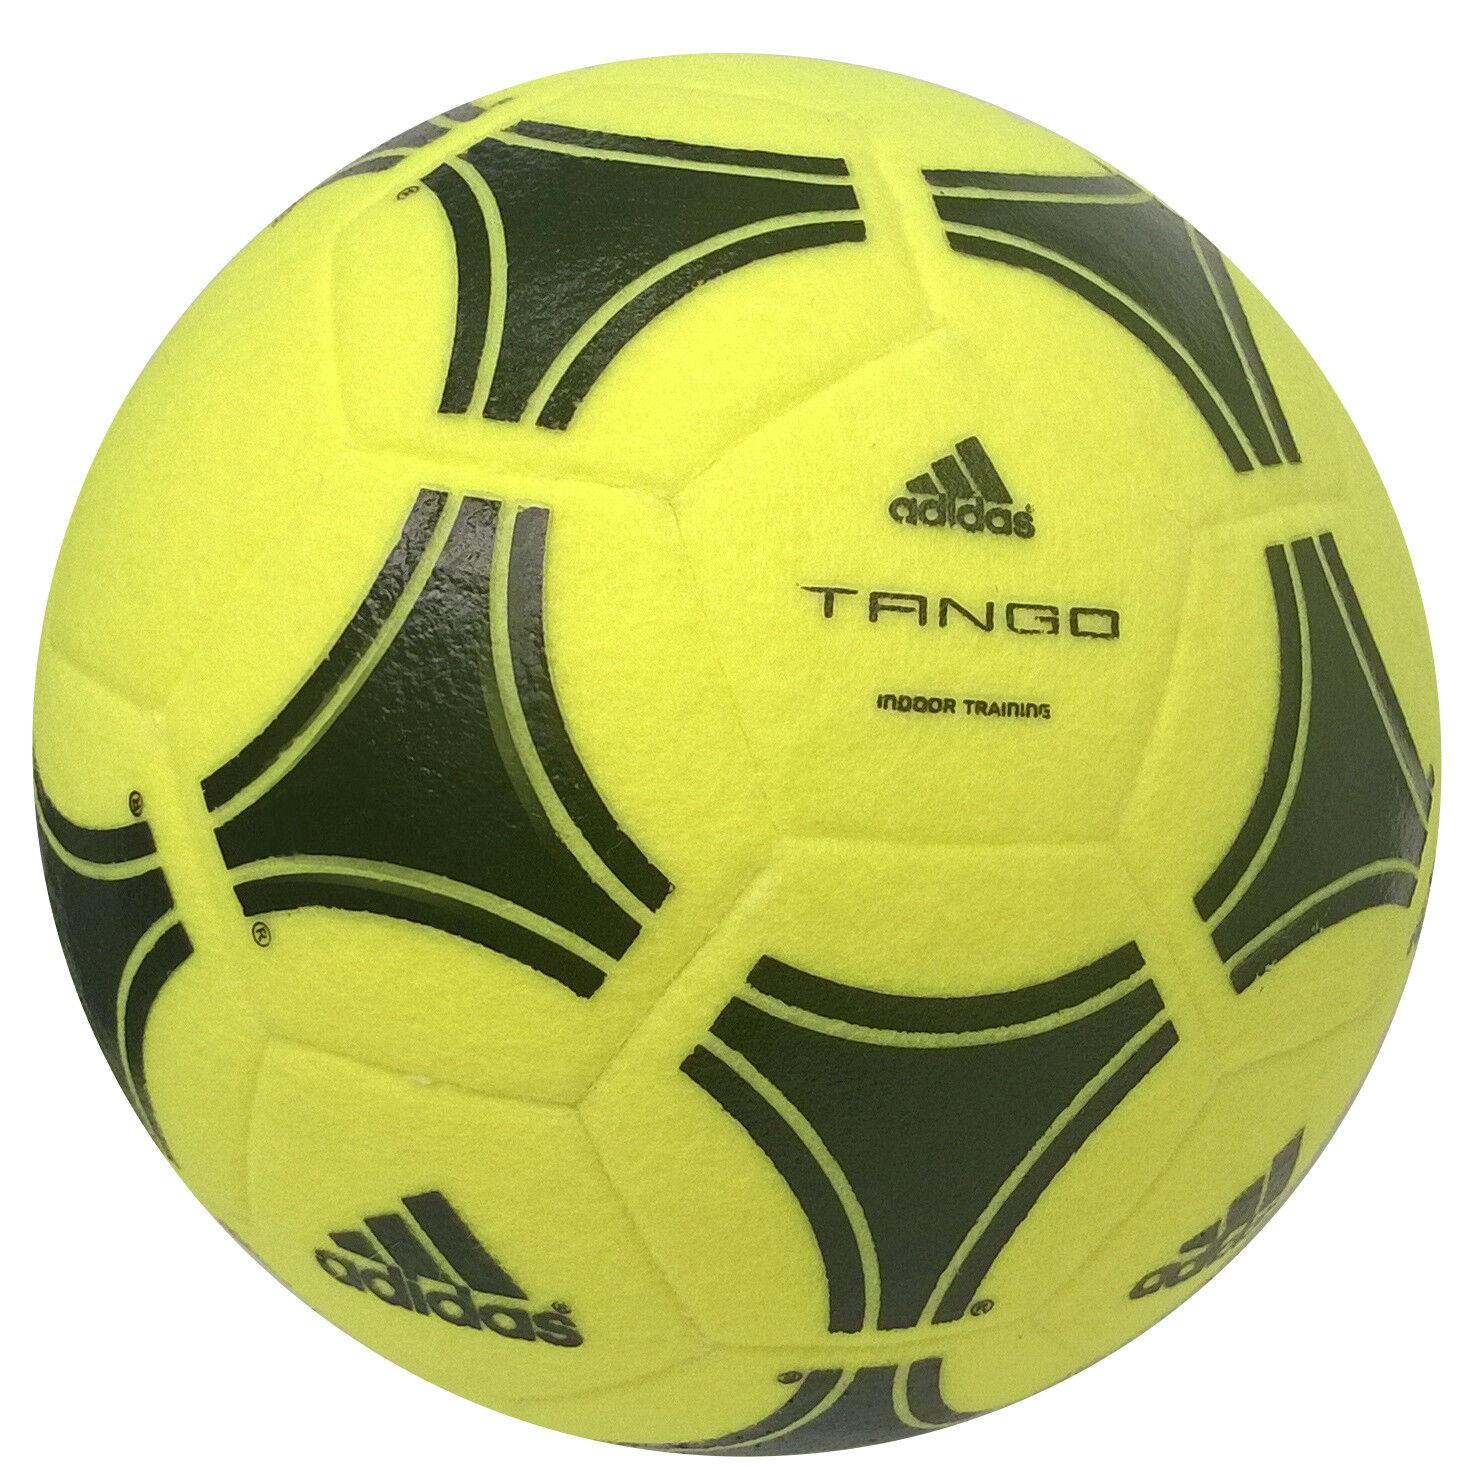 INDOOR ADIDAS HALLENFUSSBALL FILZBALL FILZ BESCHICHTUNG TANGO HALLENBALL FUßBALL